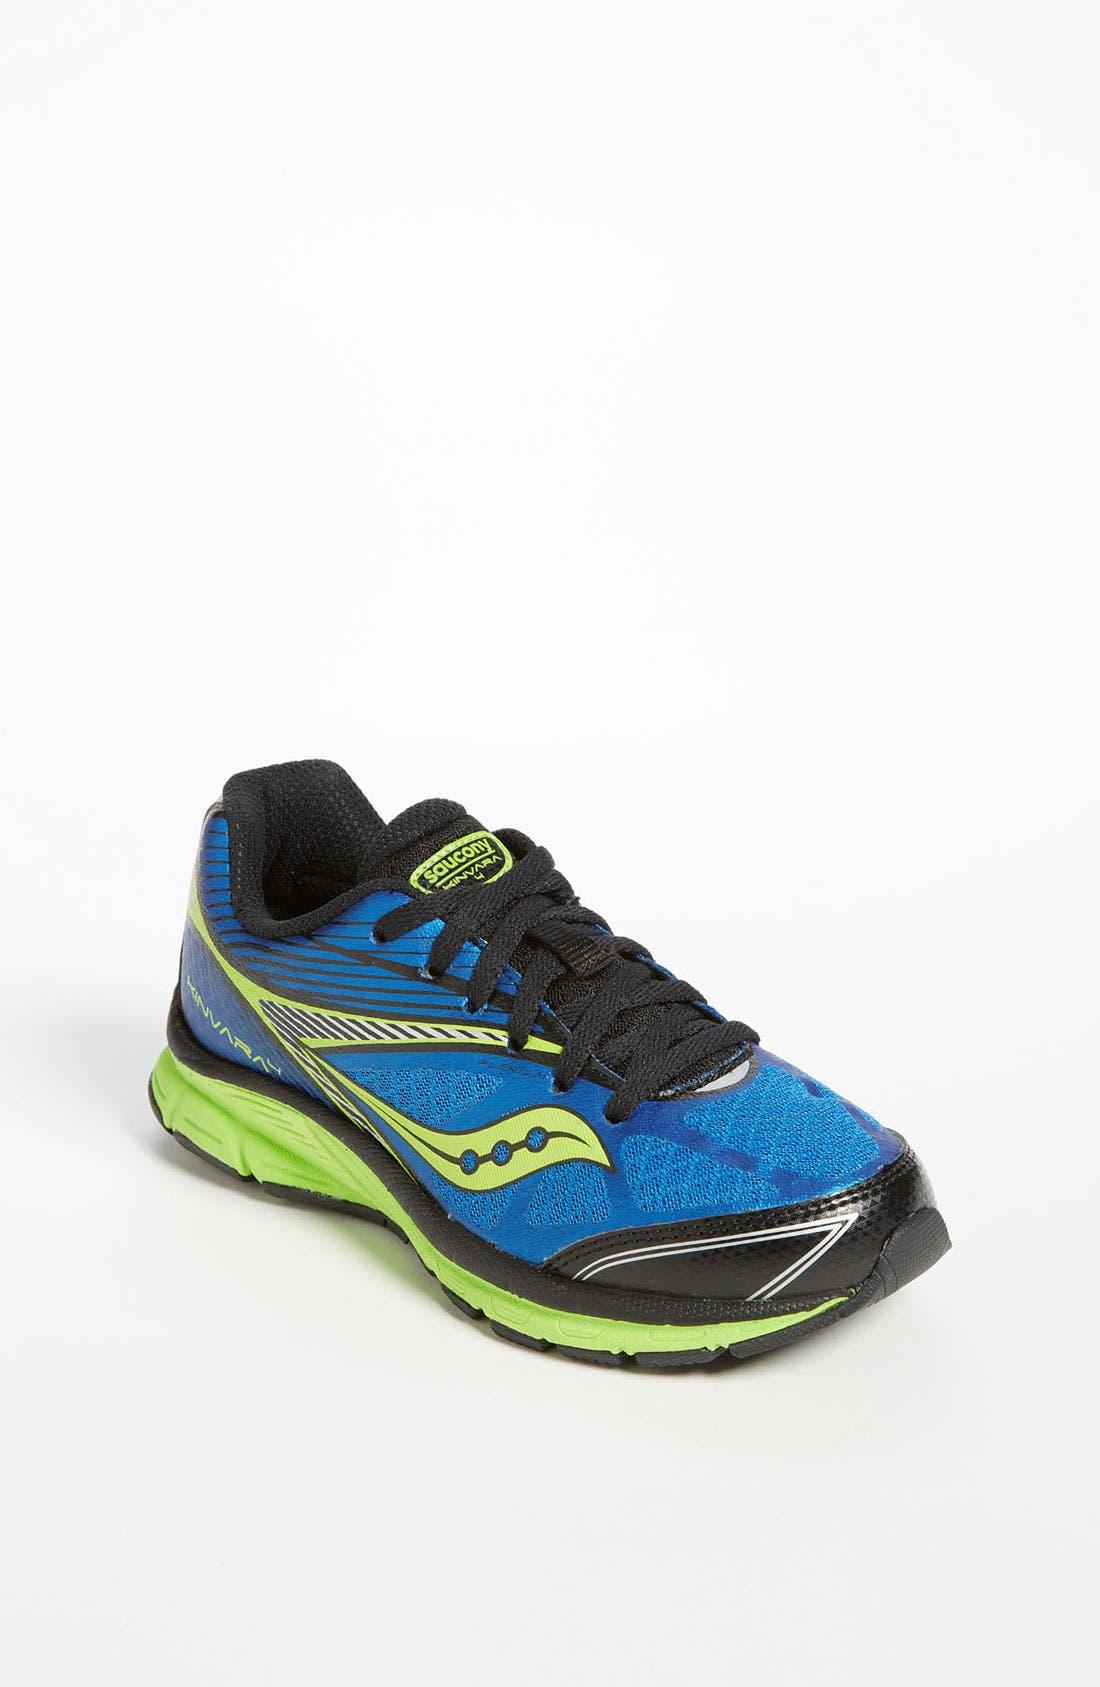 Main Image - Saucony 'Kinvara' Athletic Shoe (Toddler, Little Kid & Big Kid) (Online Only)